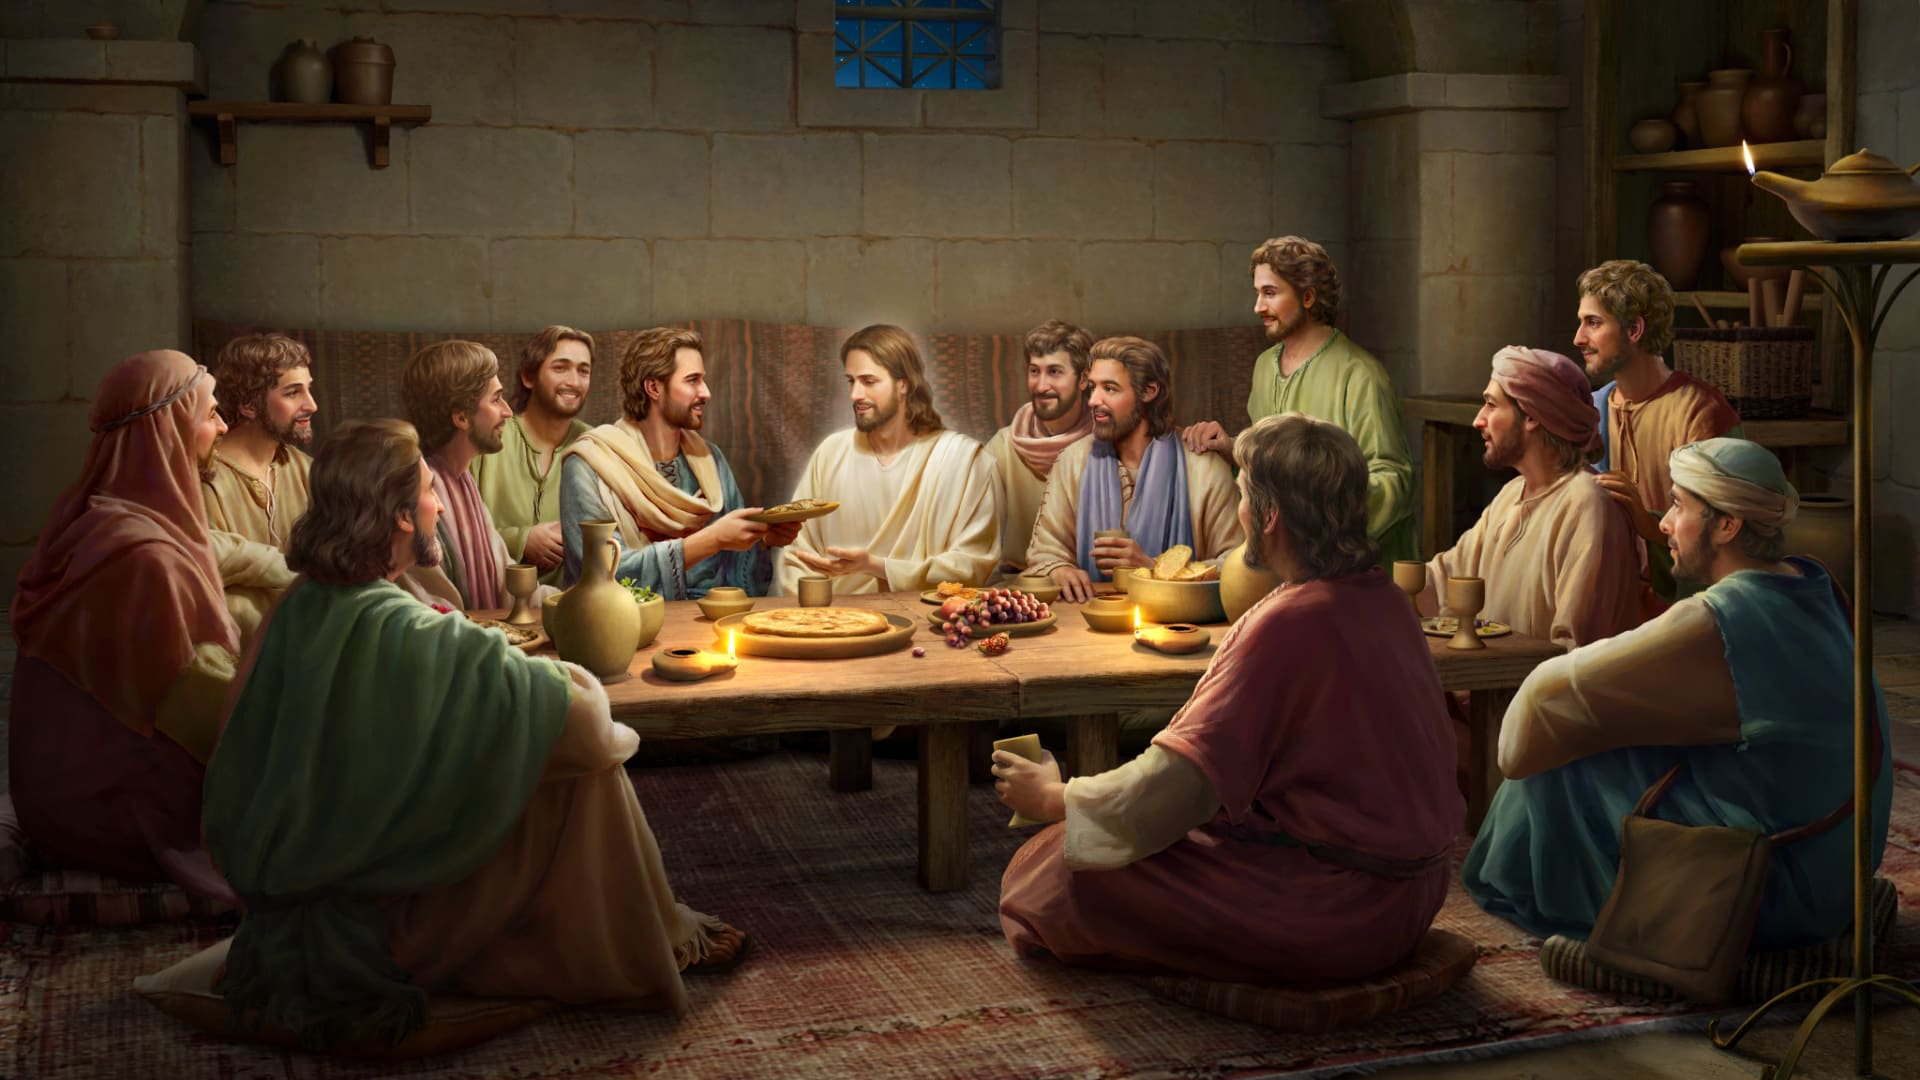 الرب يسوع يأكل خبزًا ويشرح الكتب بعد قيامته